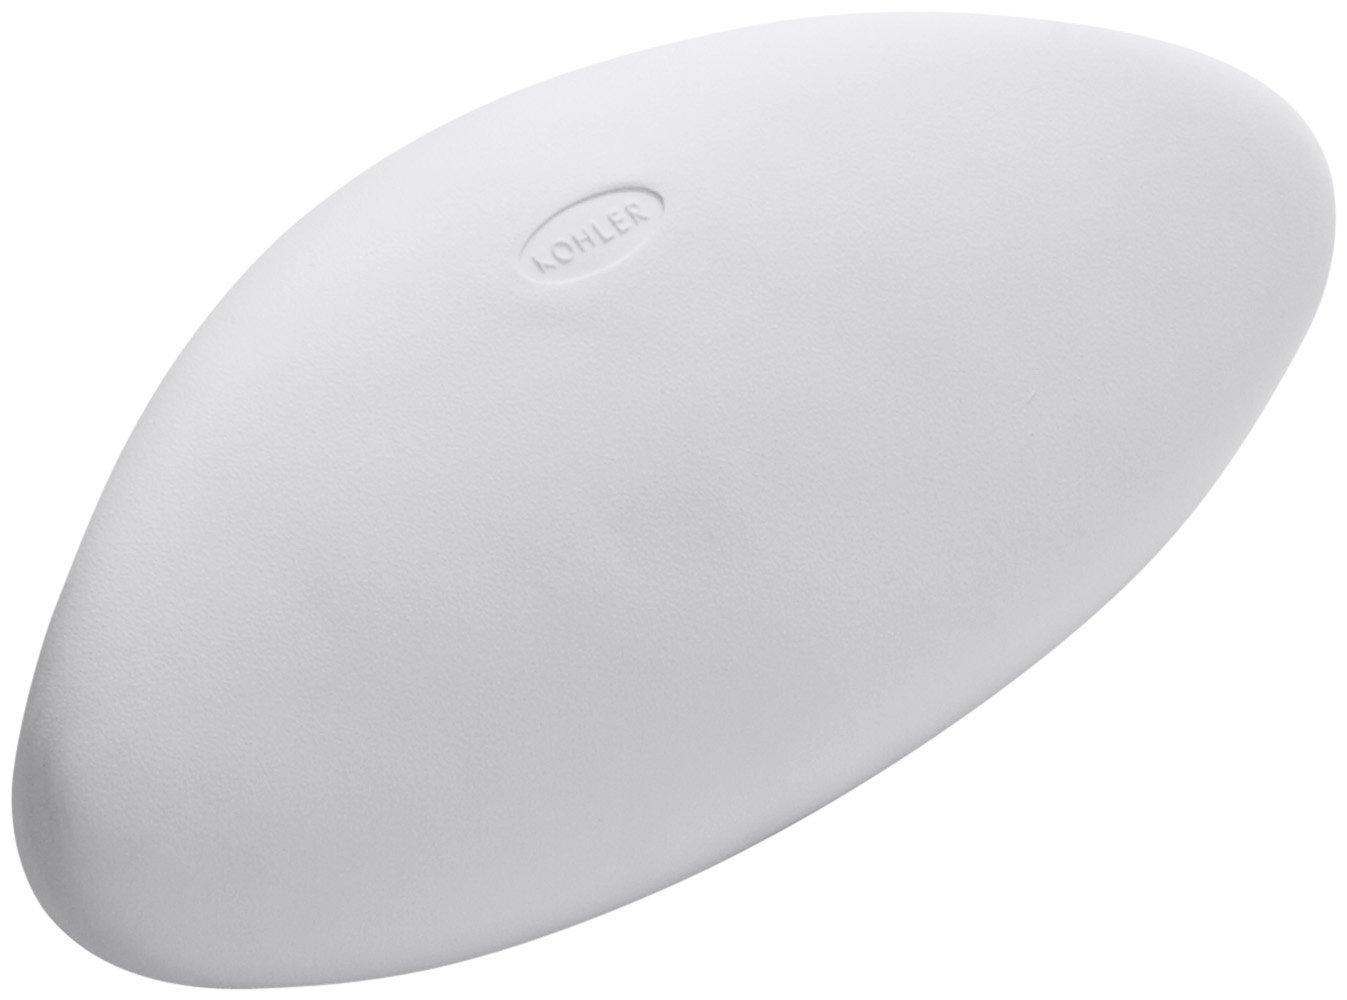 KOHLER K-1491-0 Bath/Whirlpool Pillow, Removable, White